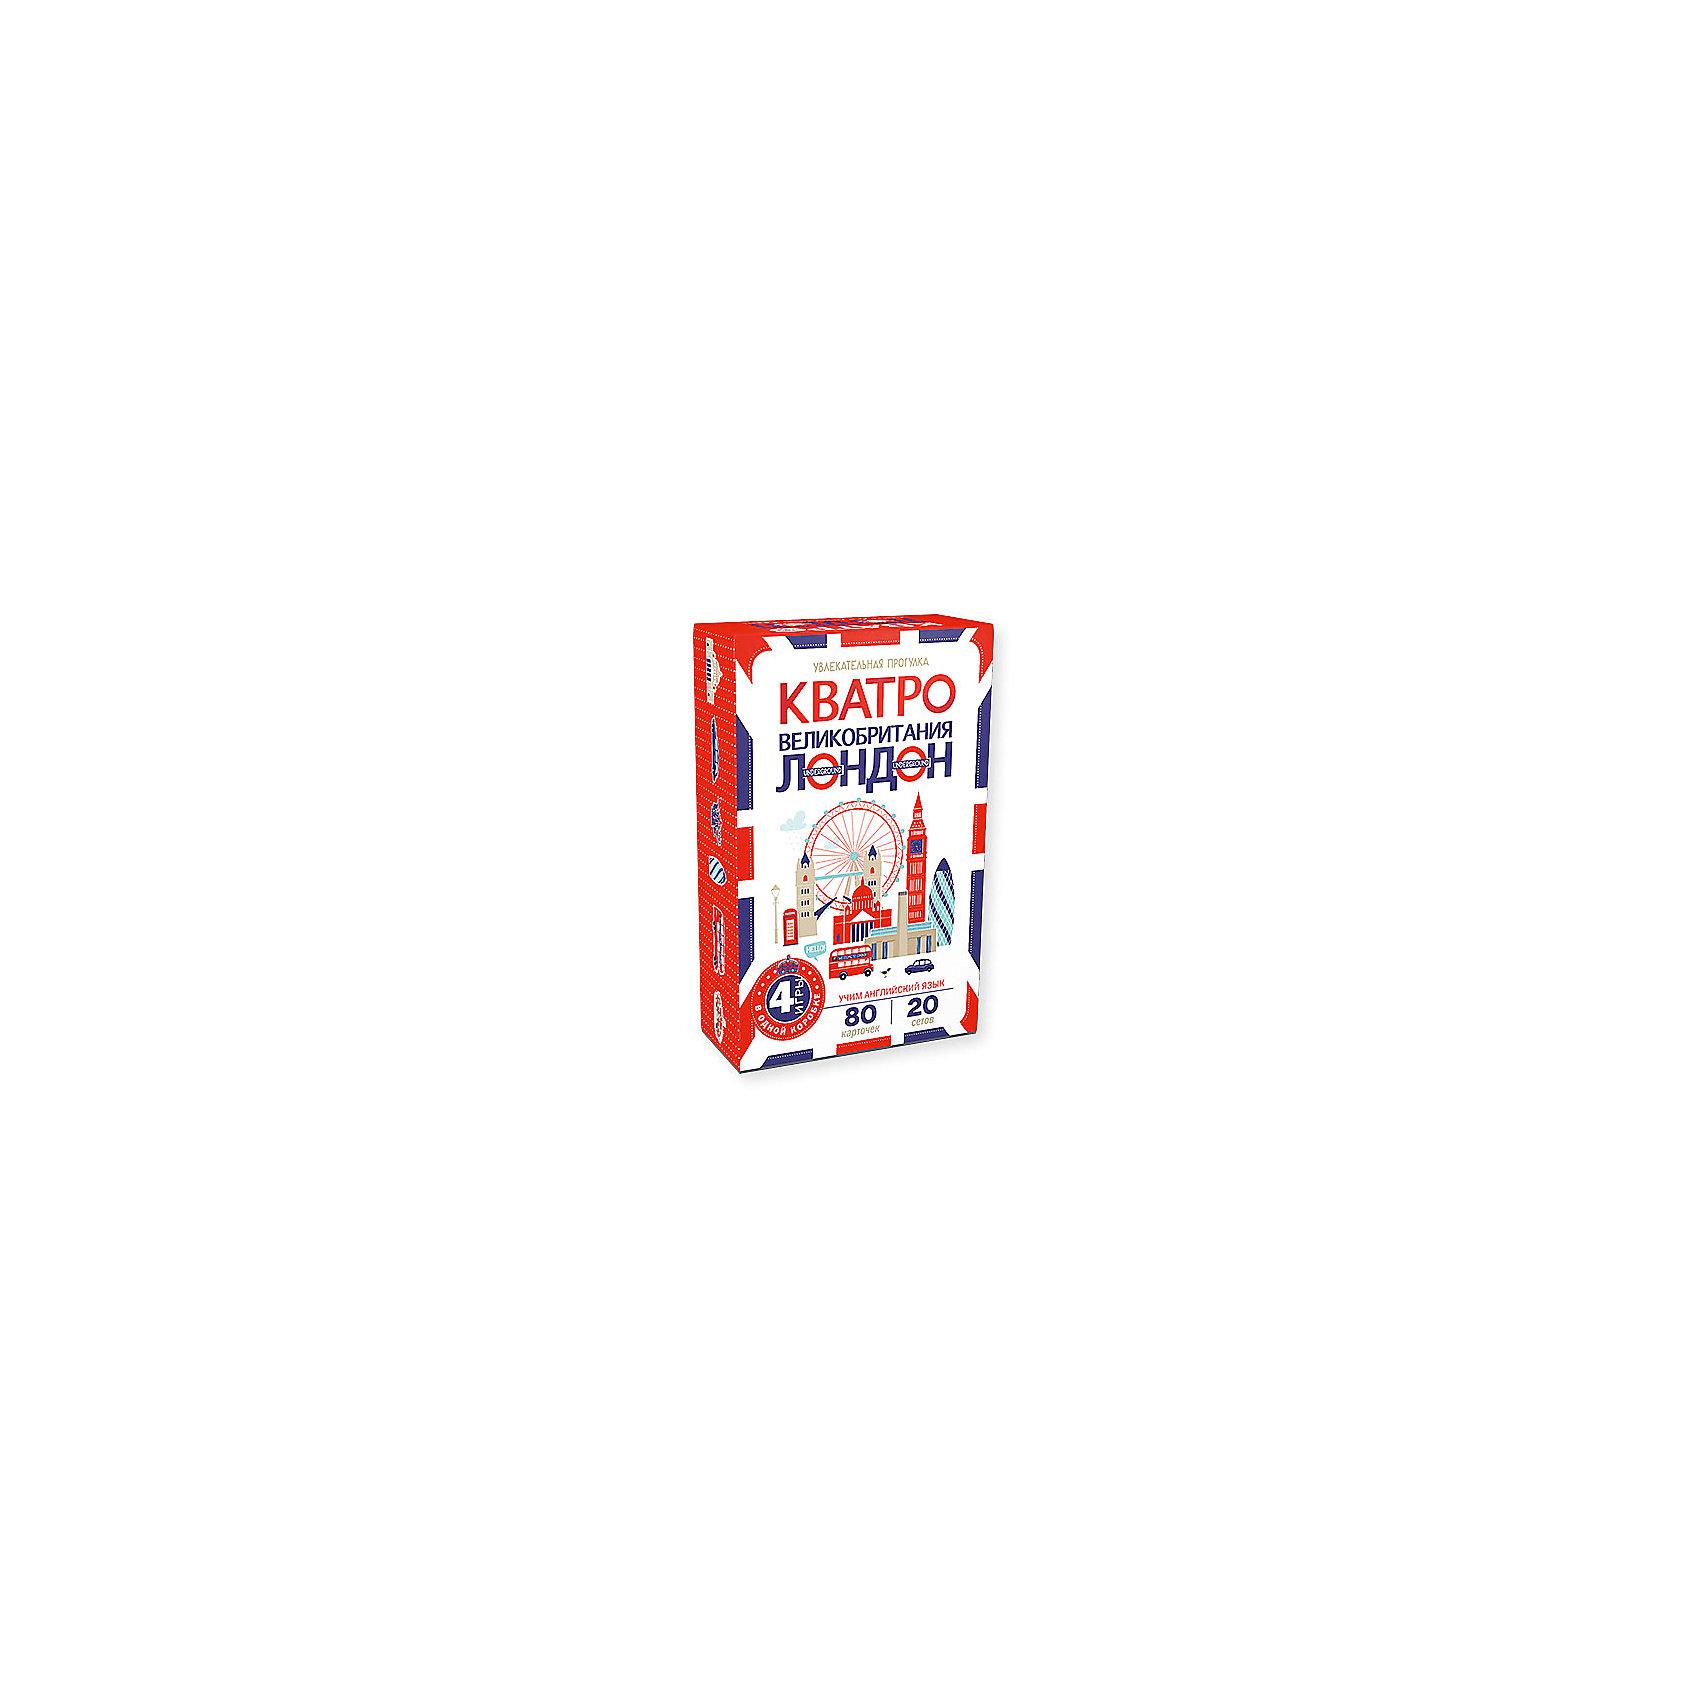 Игра Кватро. Великобритания. ЛондонКарточные игры<br>Характеристики:<br><br>• Вид игр: обучающие, развивающие<br>• Серия: Настольные игры<br>• Пол: универсальный<br>• Количество игроков: до 6-ти человек<br>• Длительность сеанса: до 60 минут<br>• Материал: мелованная бумага, картон, пластик<br>• Комплектация: 20 сетов, 80 карточек, 5 разделов, инструкция с правилами игры<br>• Размеры упаковки (Д*Ш*В): 18*5*11,6 см<br>• Тип упаковки: картонная коробка<br>• Вес в упаковке: 301 г<br><br>Игра Кватро. Великобритания. Лондон выпущена отечественным издательством Clever, которое специализируется на выпуске обучающей и развивающей детской литературы. Настольная игра  предназначена для веселого времяпрепровождения от одного до 6-ти человек, при этом играть в нее могут как дети, так и взрослые. Игра состоит из карточек с изображением реалий, персоналий и достопримечательностей Лондона. Все надписи выполнены на двух языках: русском и английском. <br><br>Задача игроков заключается в том, чтобы выполнить задания согласно инструкции. Карты выполнены из мелованной бумаги, изображения и надписи выполнены устойчивыми красками, благодаря чему игра прослужит длительное время. Игра Кватро. Великобритания. Лондон направлена на развитие общей эрудиции, изучение иностранного языка и обогащение словарного запаса. <br><br>Игру Кватро. Великобритания. Лондон можно купить в нашем интернет-магазине.<br><br>Ширина мм: 180<br>Глубина мм: 116<br>Высота мм: 5<br>Вес г: 301<br>Возраст от месяцев: 84<br>Возраст до месяцев: 132<br>Пол: Унисекс<br>Возраст: Детский<br>SKU: 5348104